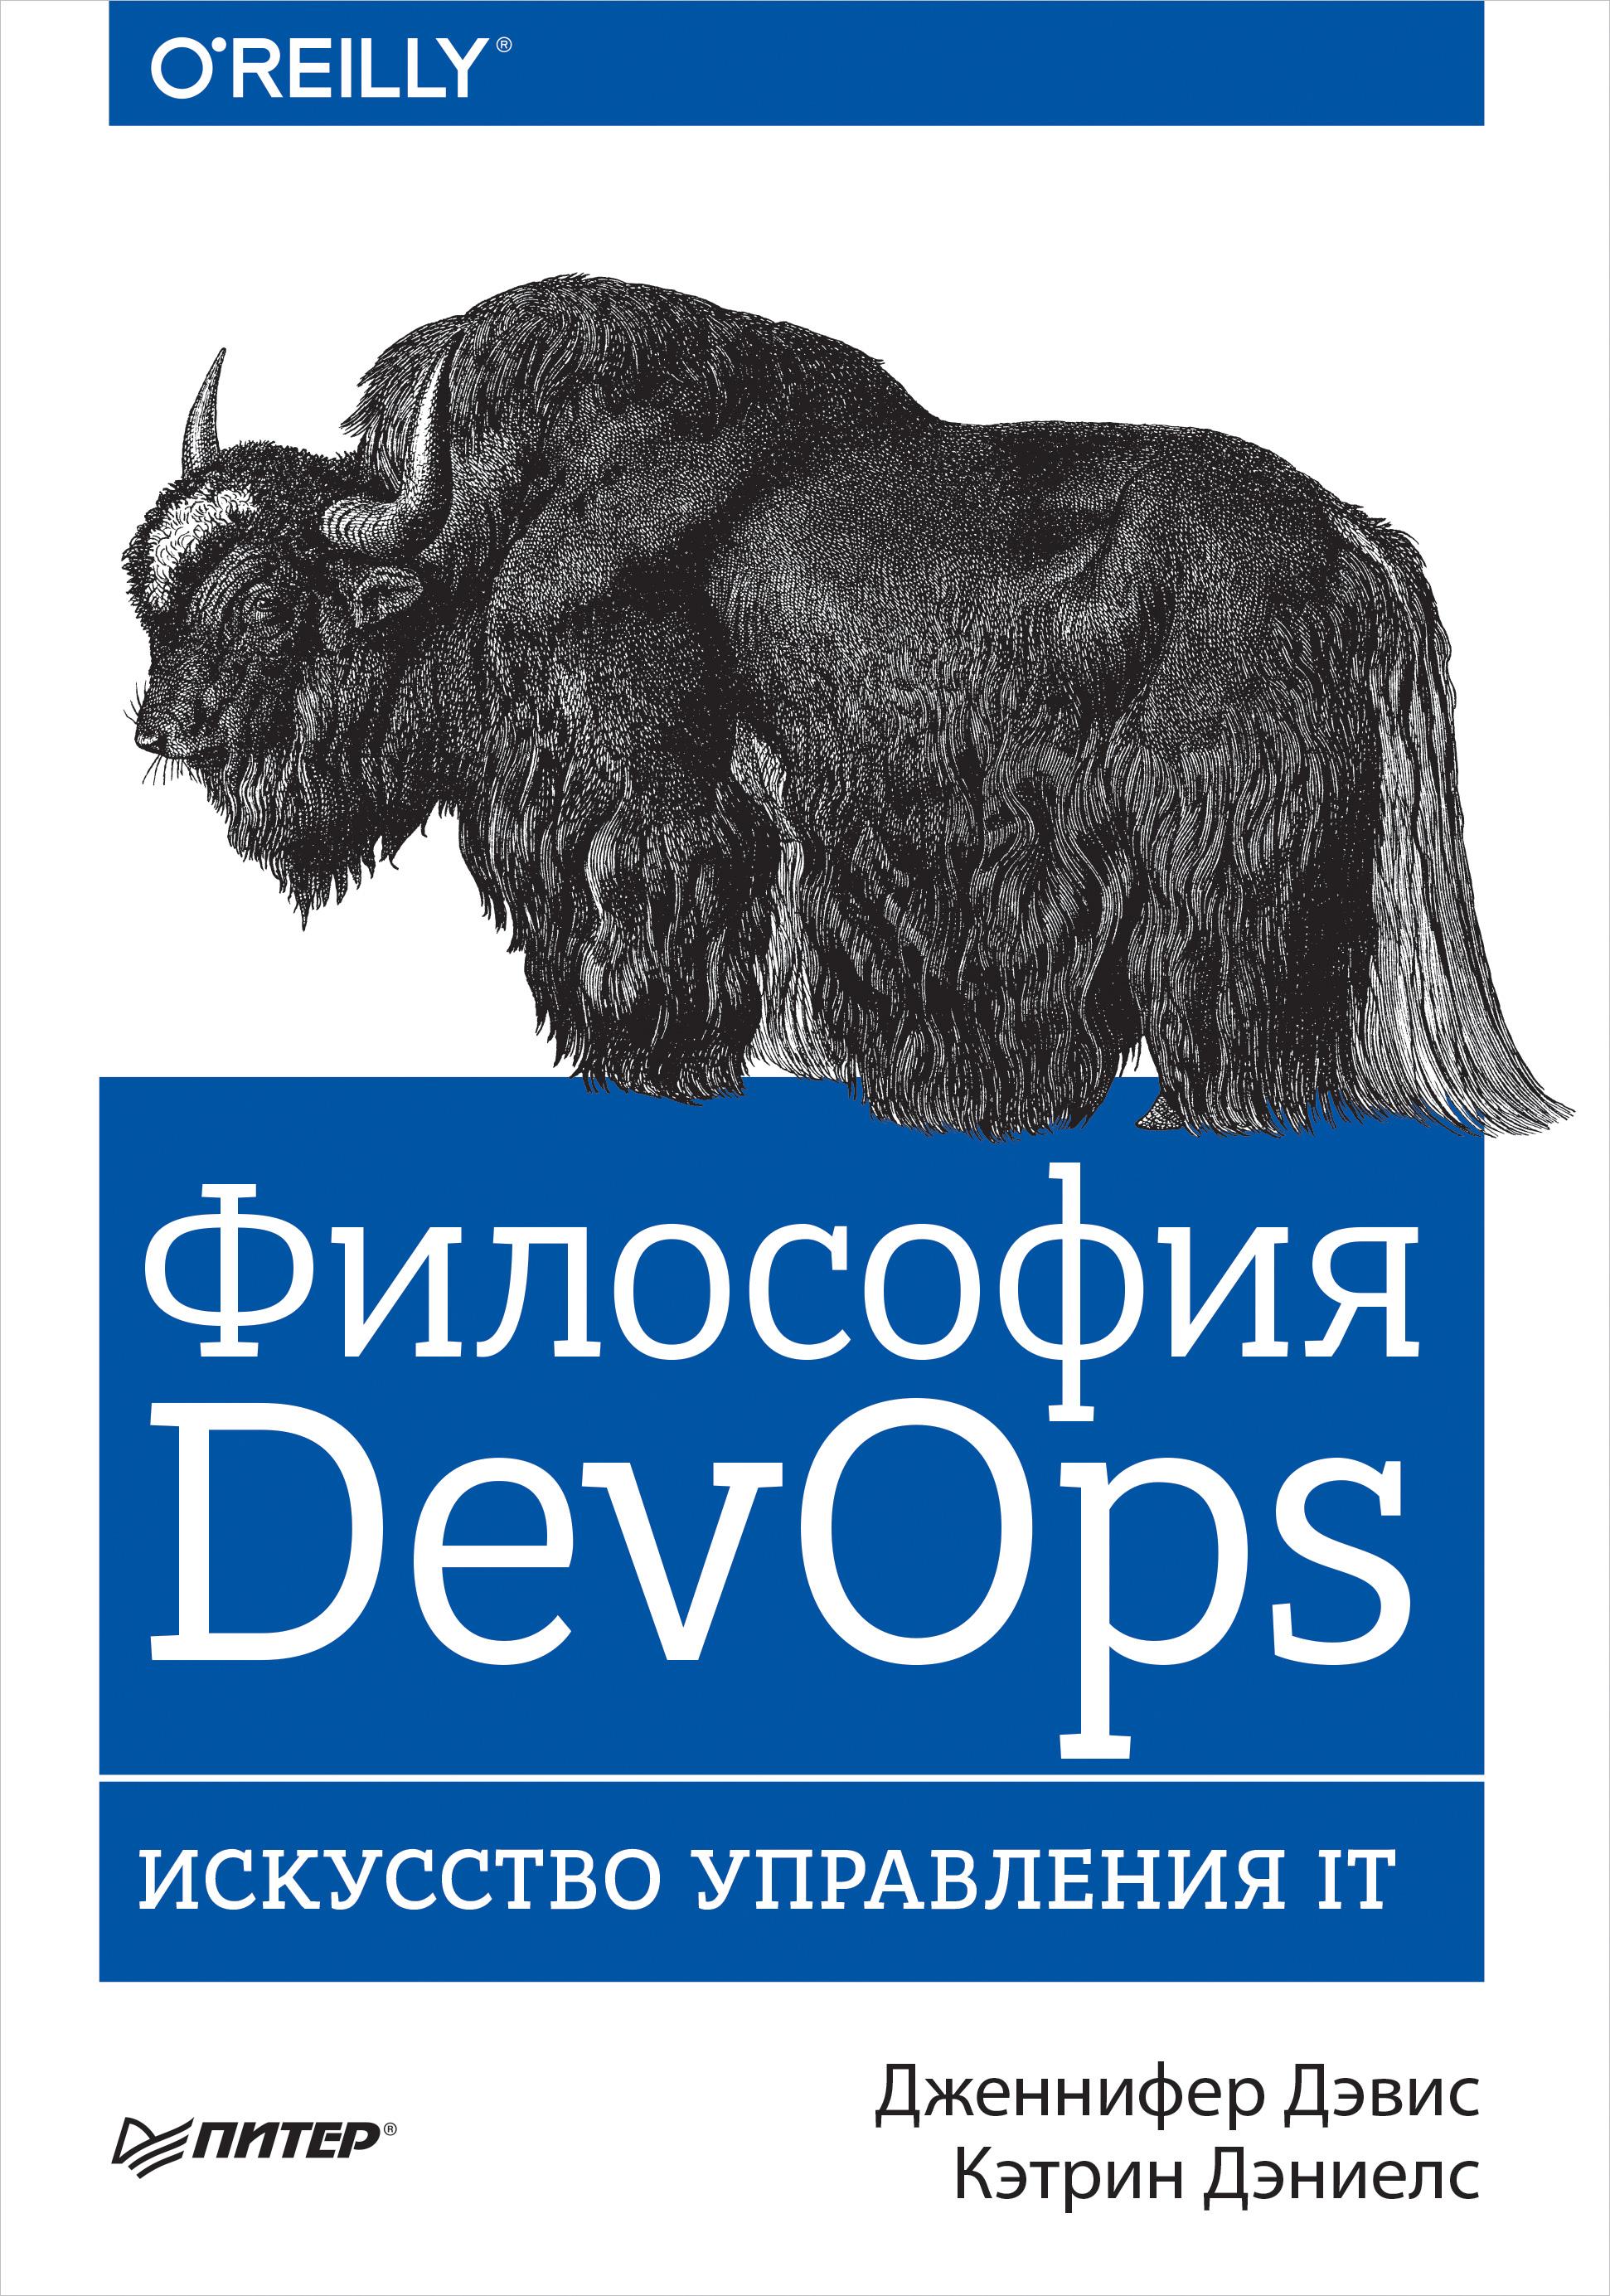 Обложка книги Философия DevOps. Искусство управления IT